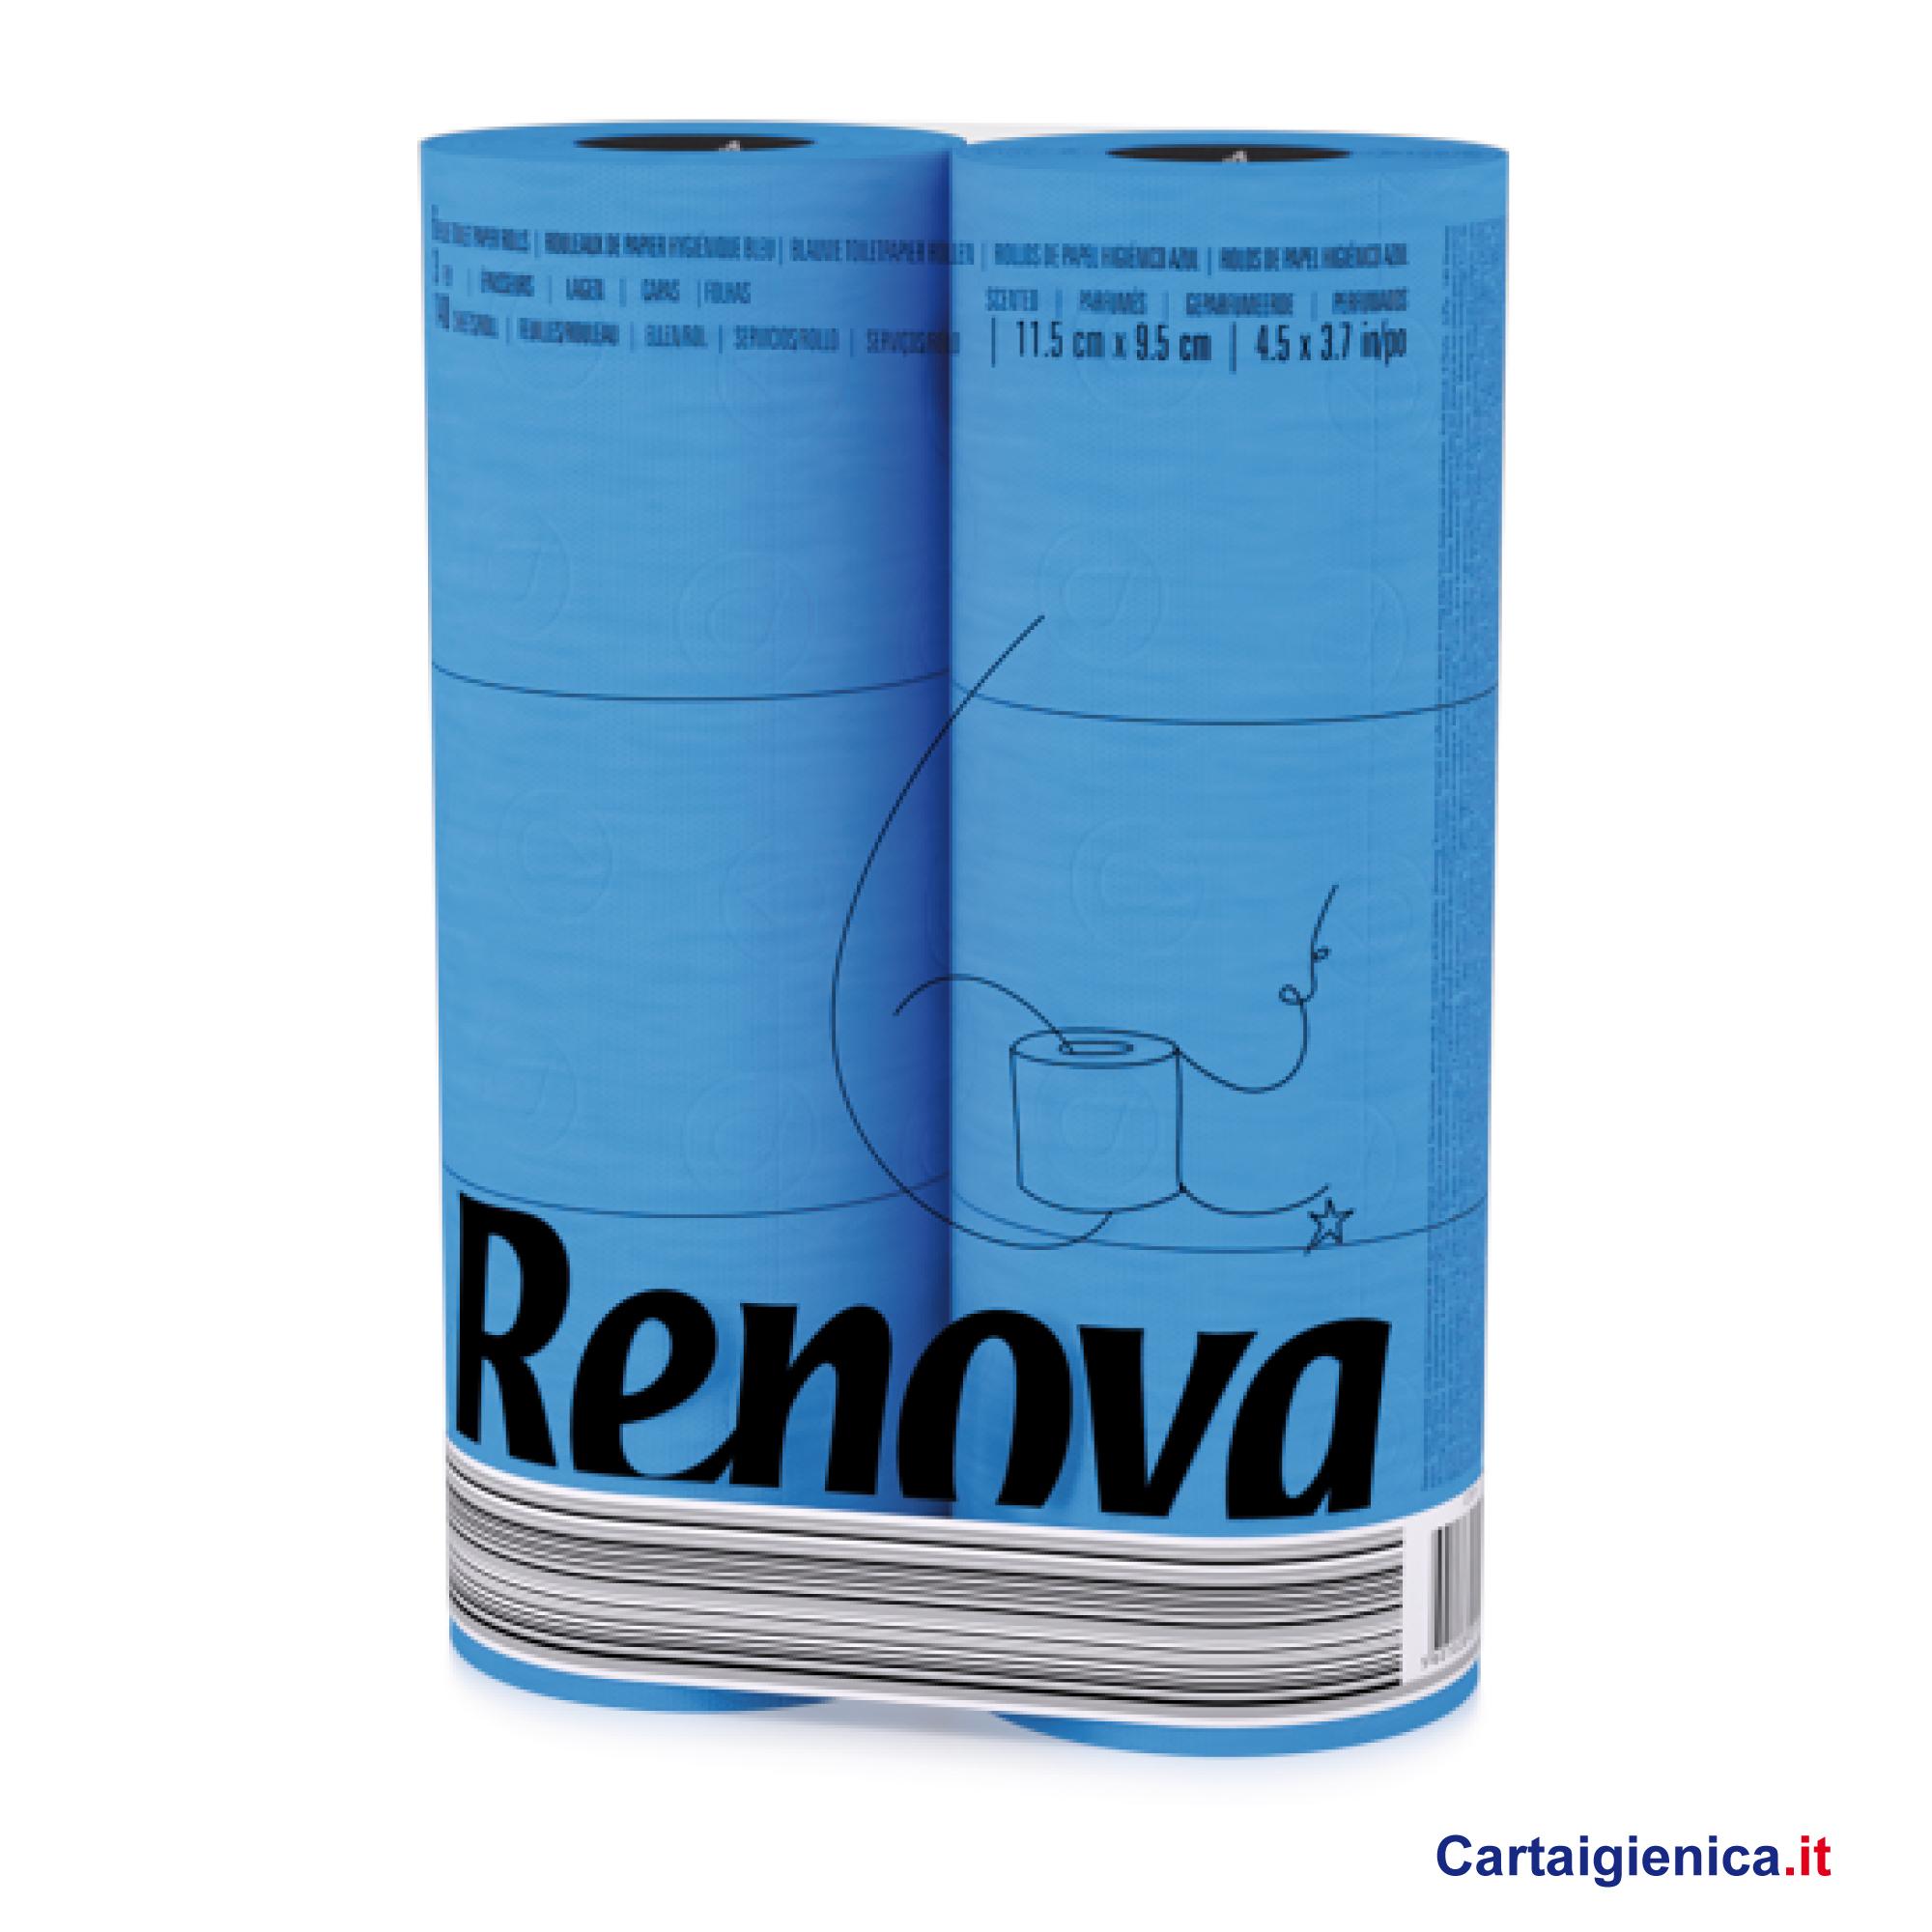 renova carta igienica colorata azzurra 6 rotoli cartaigienica.it